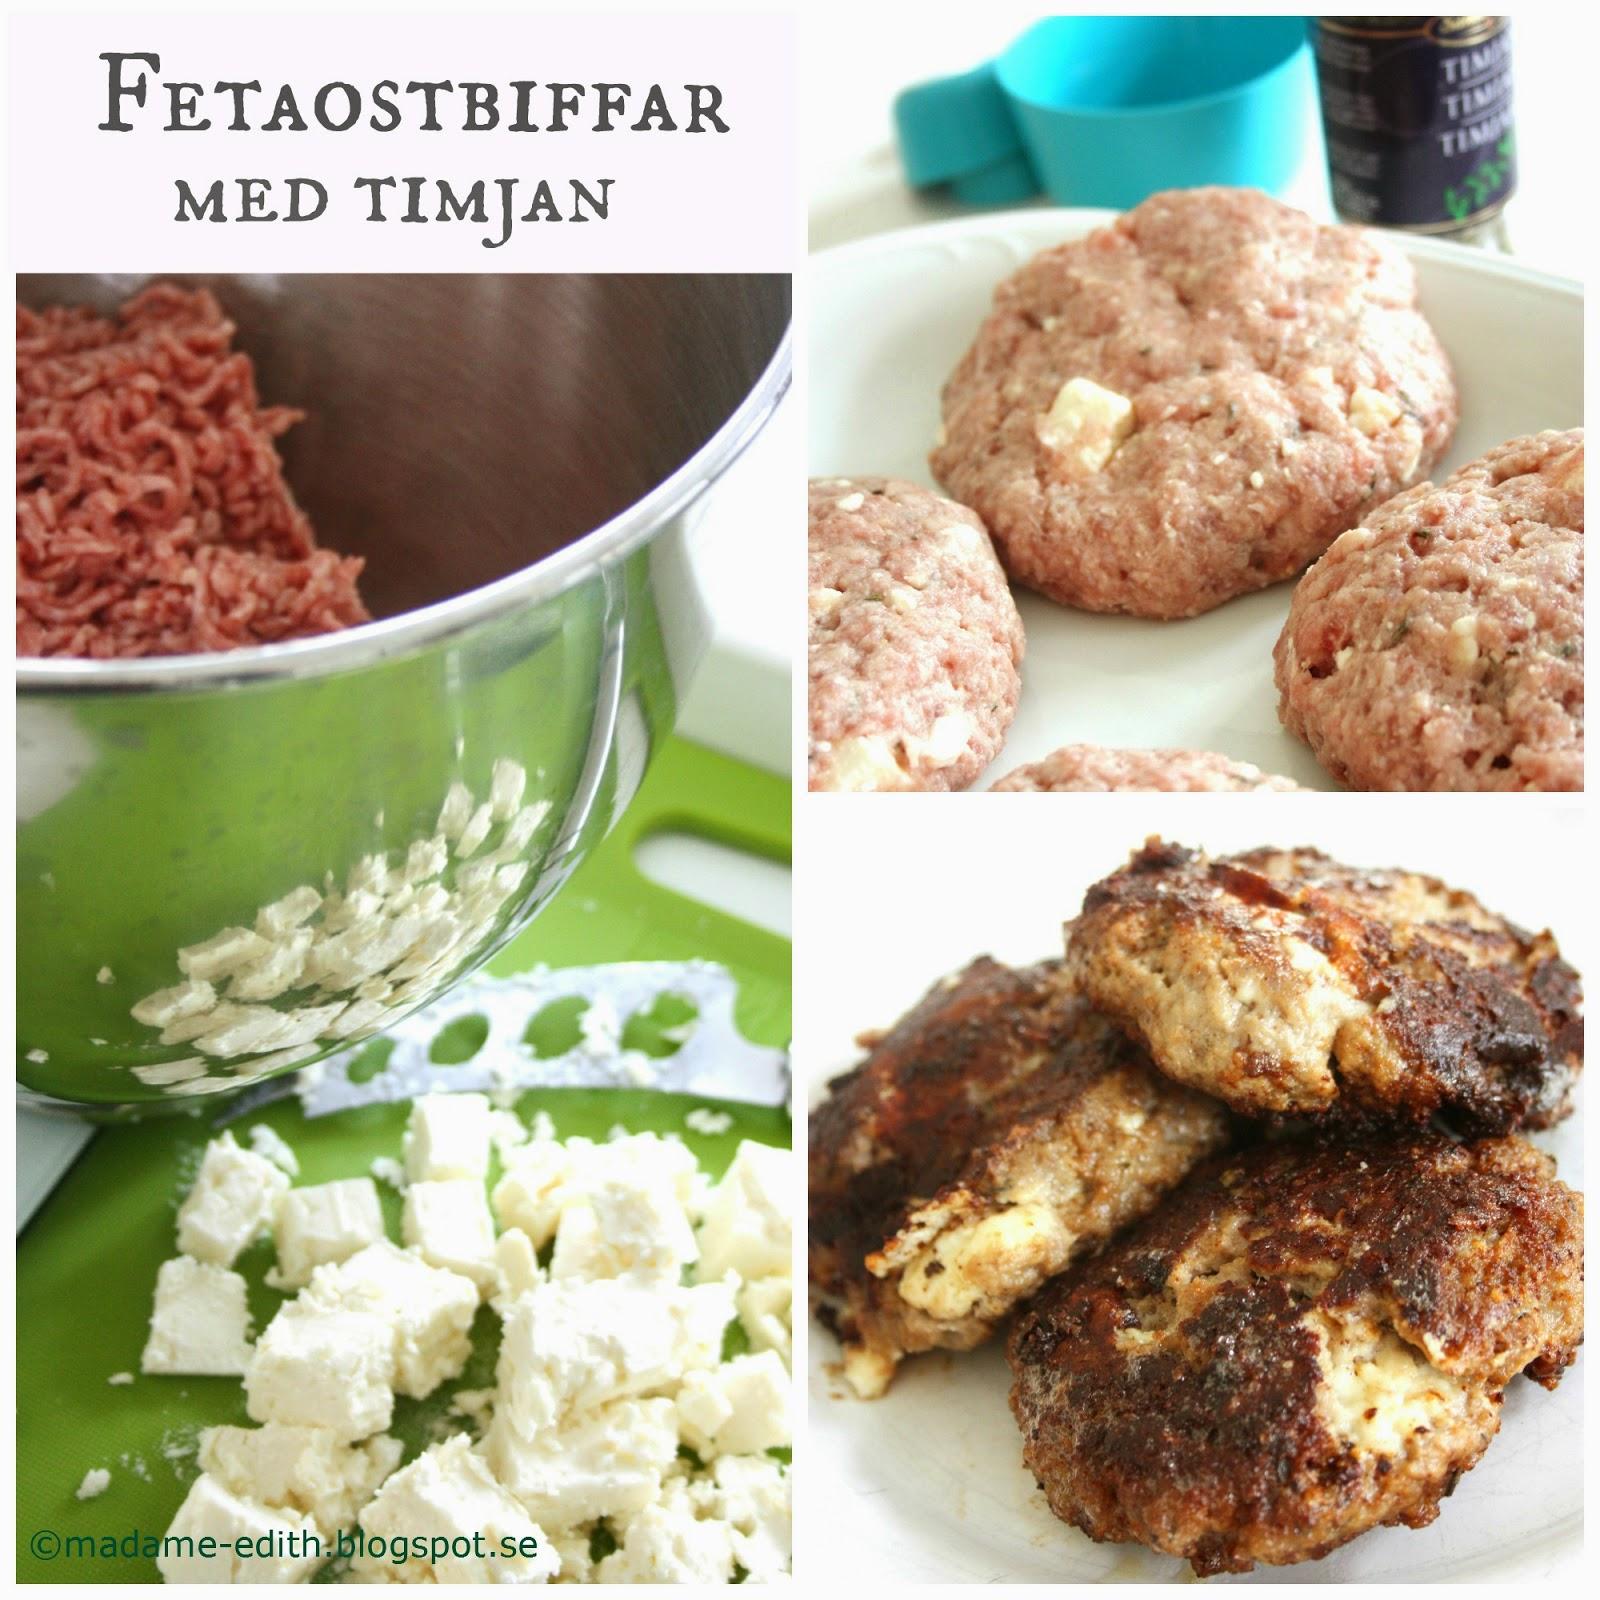 recept på fetaostbiffar